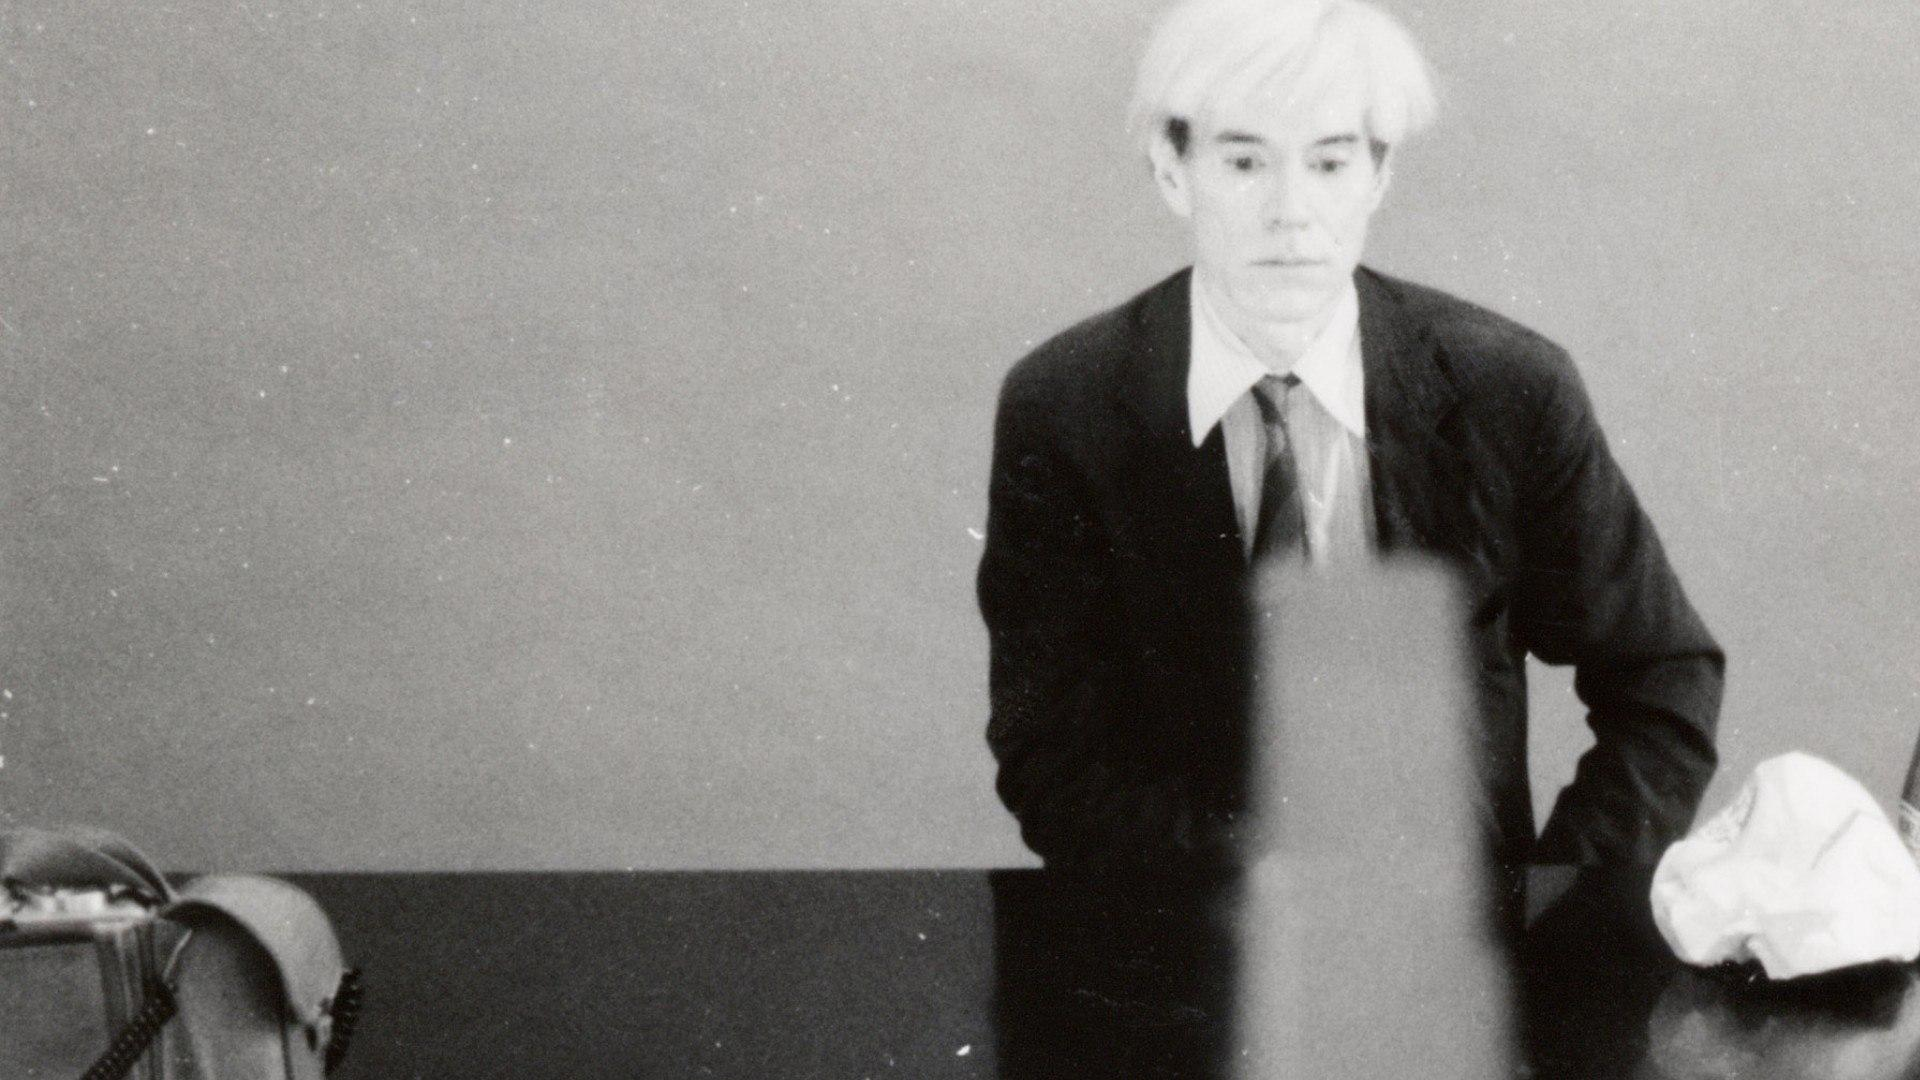 Arte in tv dal 28 giugno al 4 luglio: Andy Warhol, Vermeer e Frida Kahlo